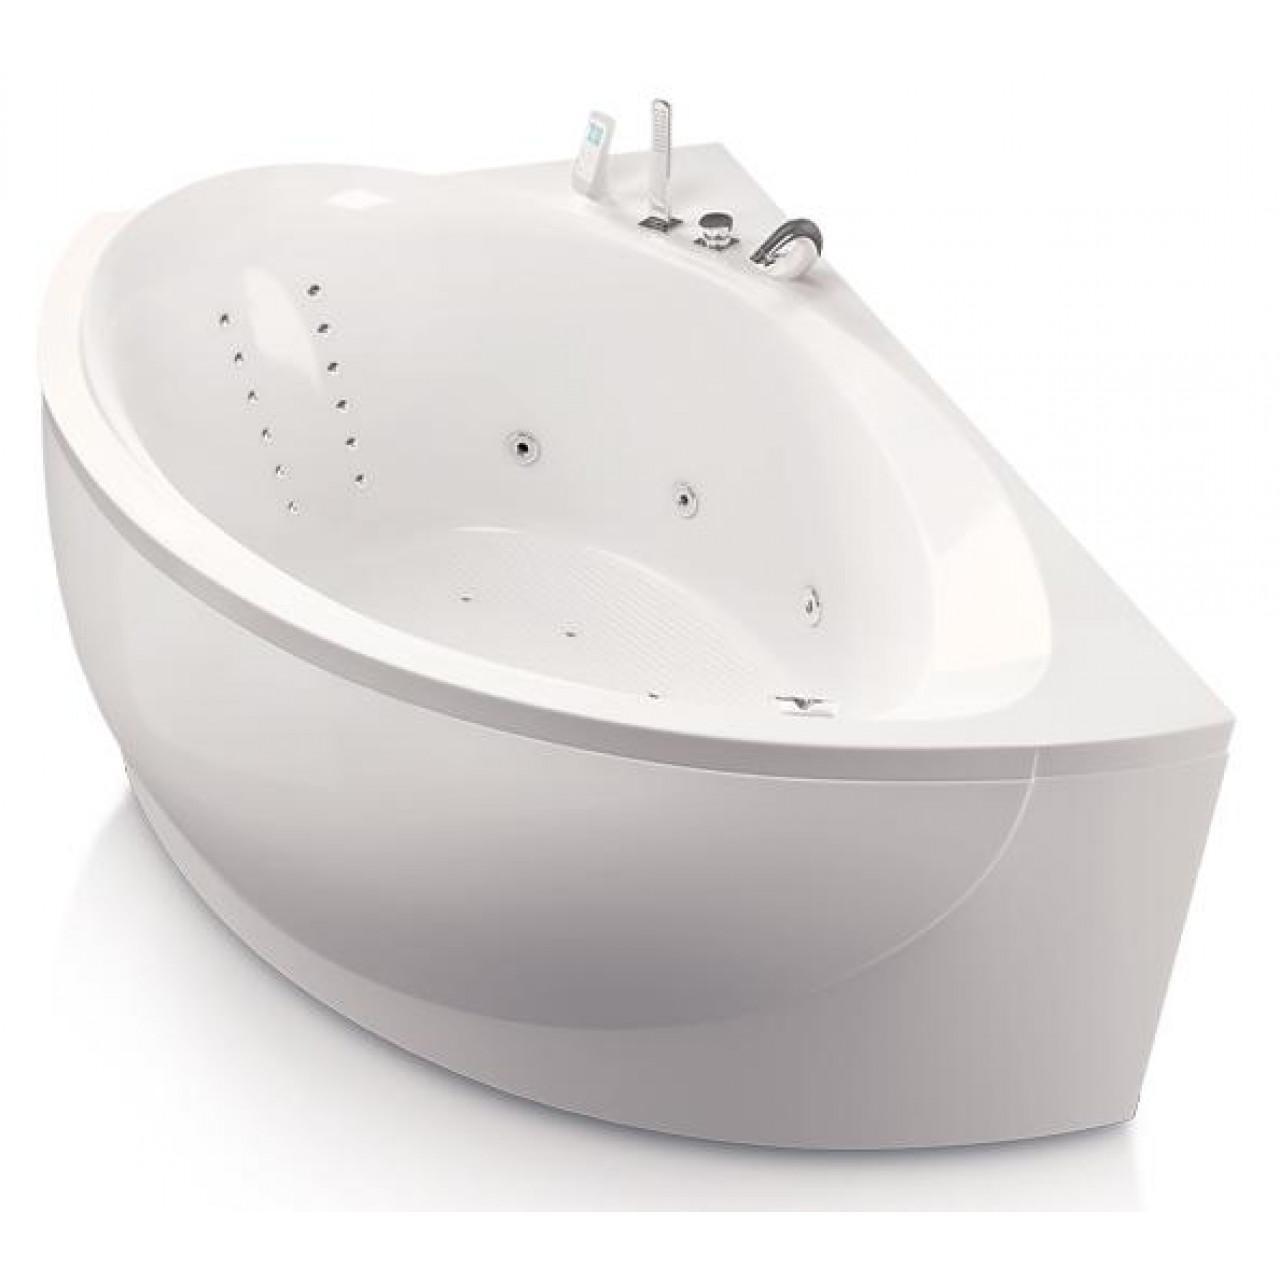 Акриловая ванна Акватика Альтернатива Basic 170x120x69 купить в Москве по цене от 70482р. в интернет-магазине mebel-v-vannu.ru